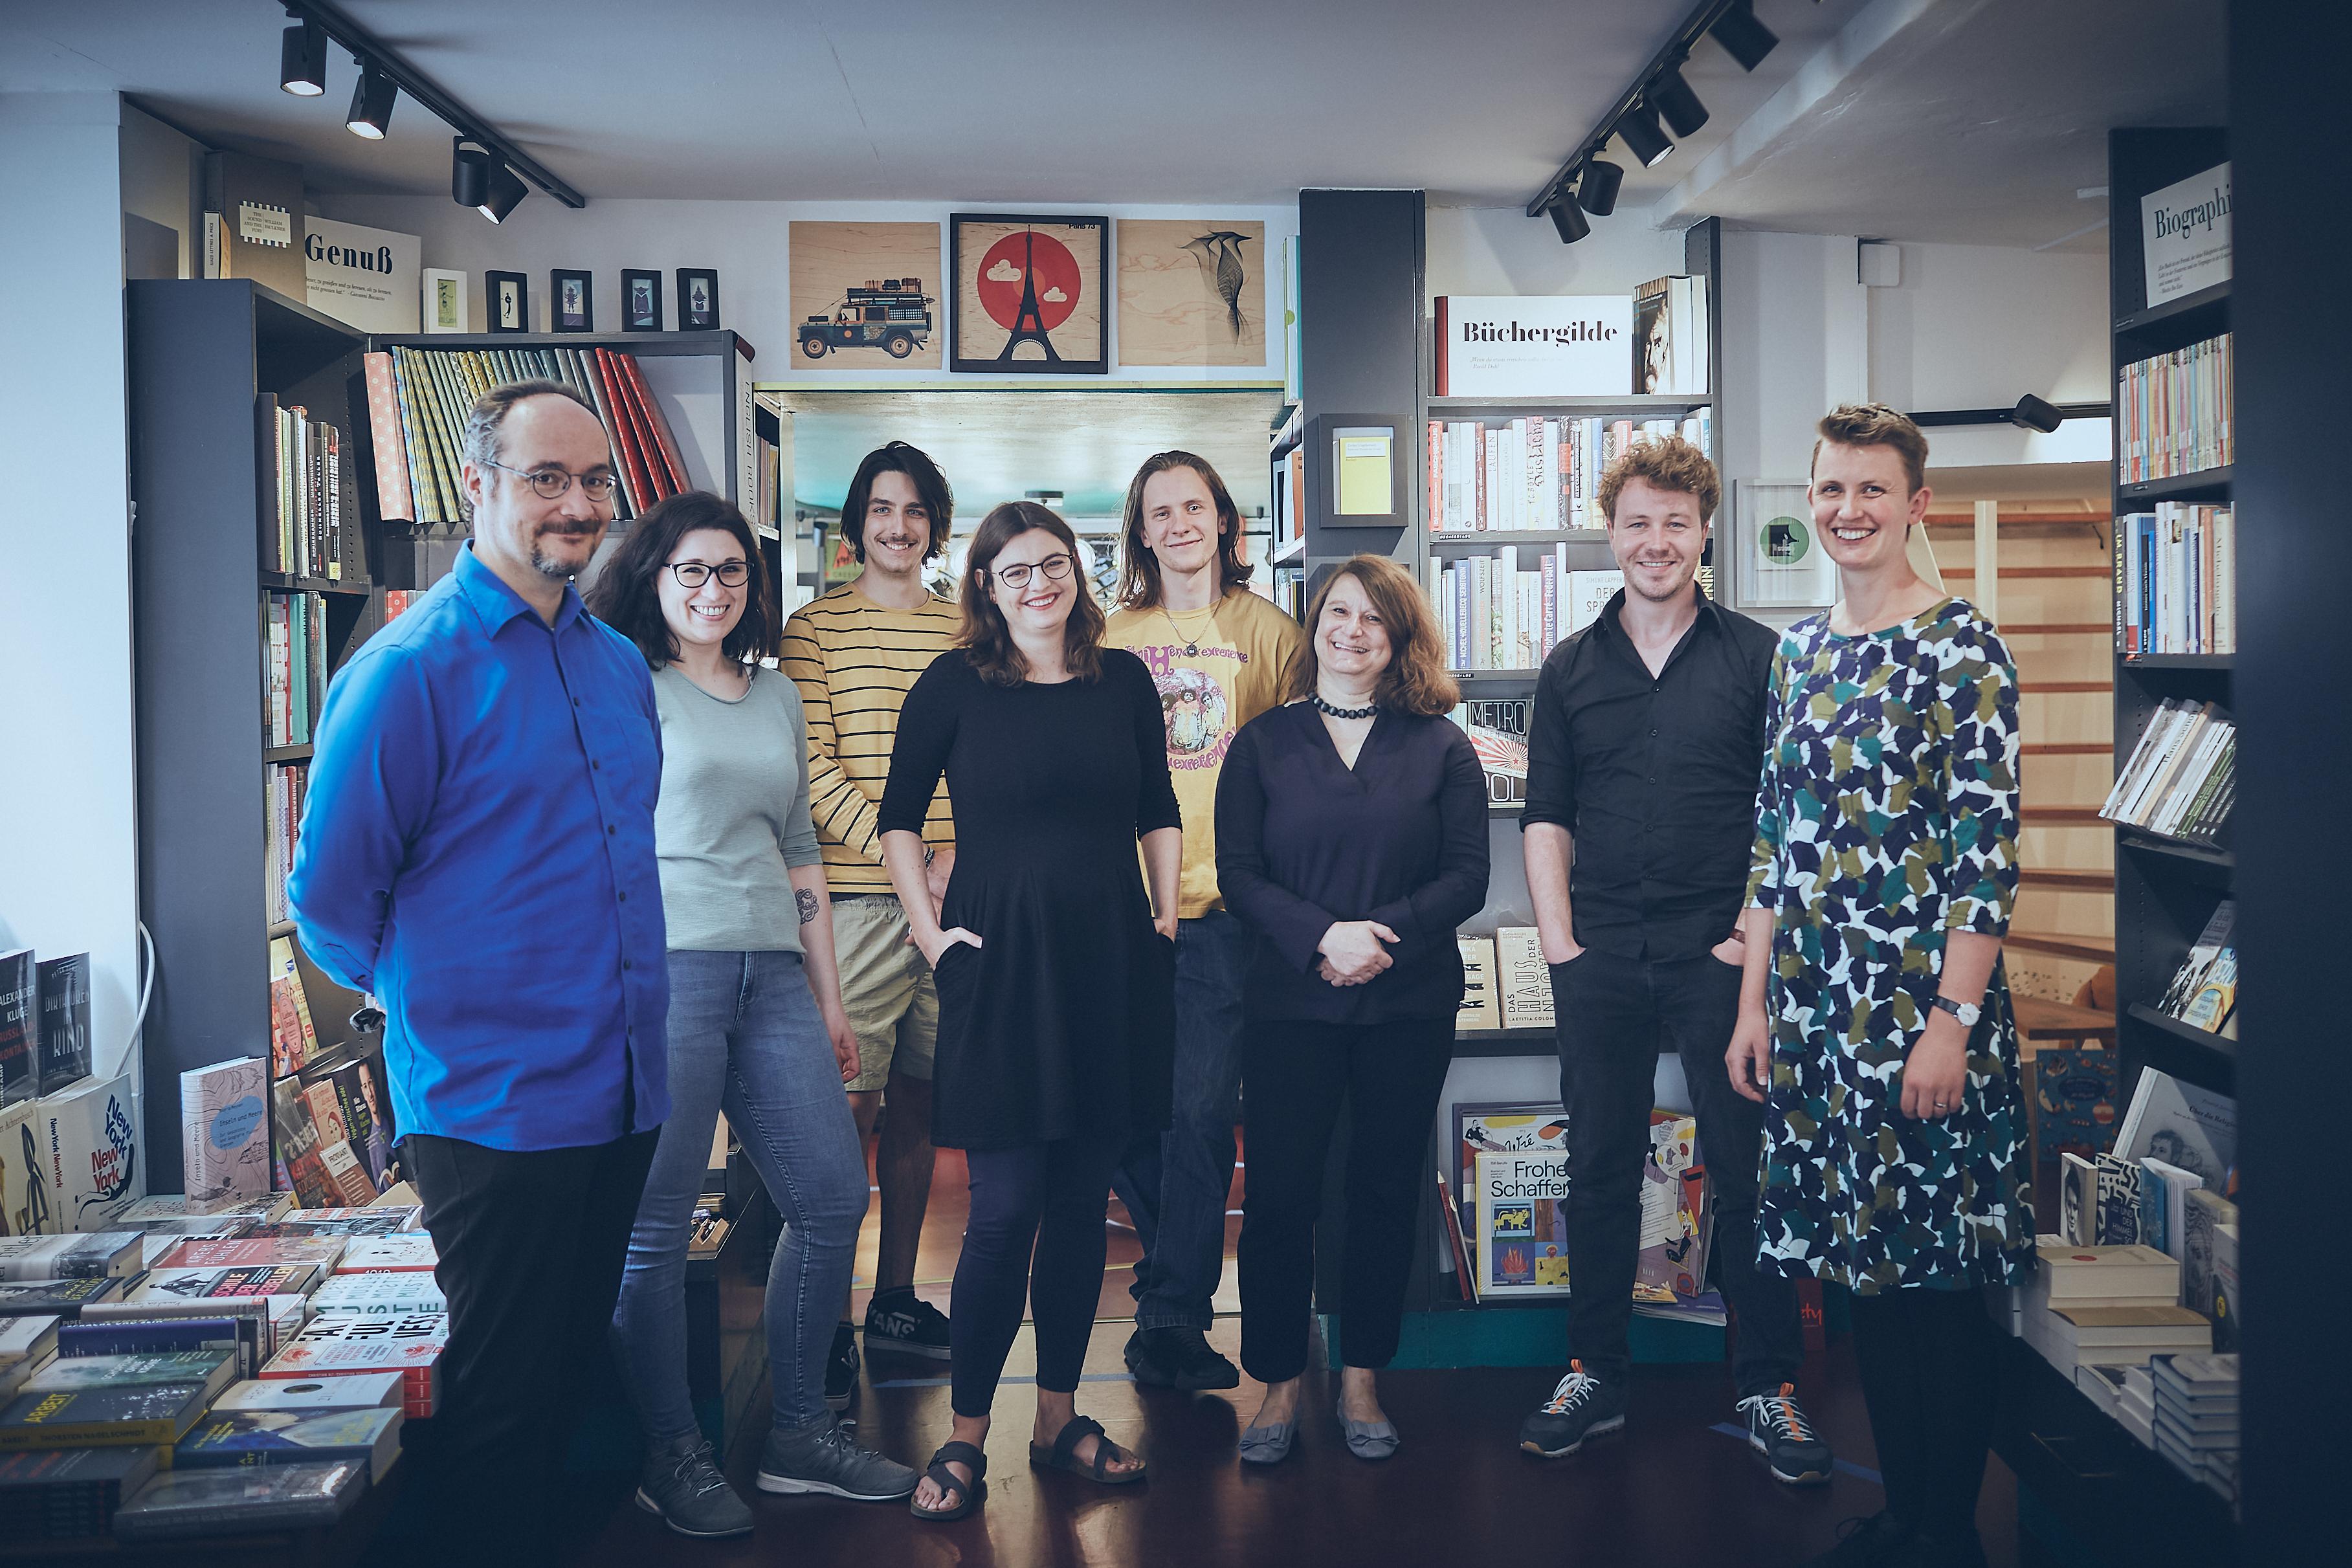 Buchhändler Rasmus Schöll trotzt der Krise: Filialeröffnung in Söflingen